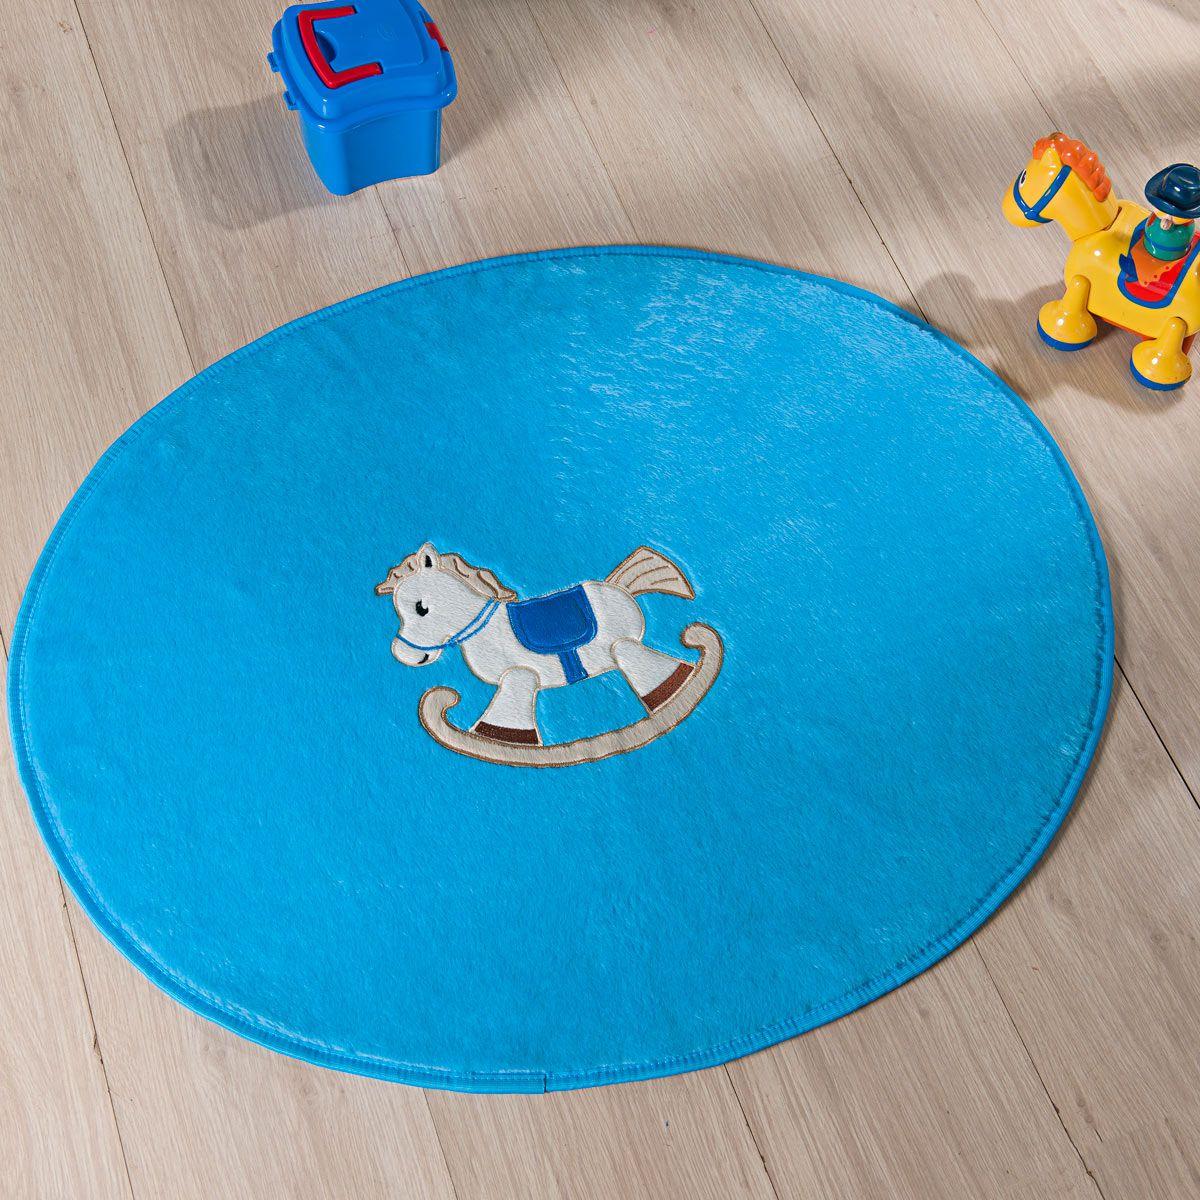 Tapete Infantil Premium Baby Formato Cavalinho Azul Turquesa 78cm x 68cm